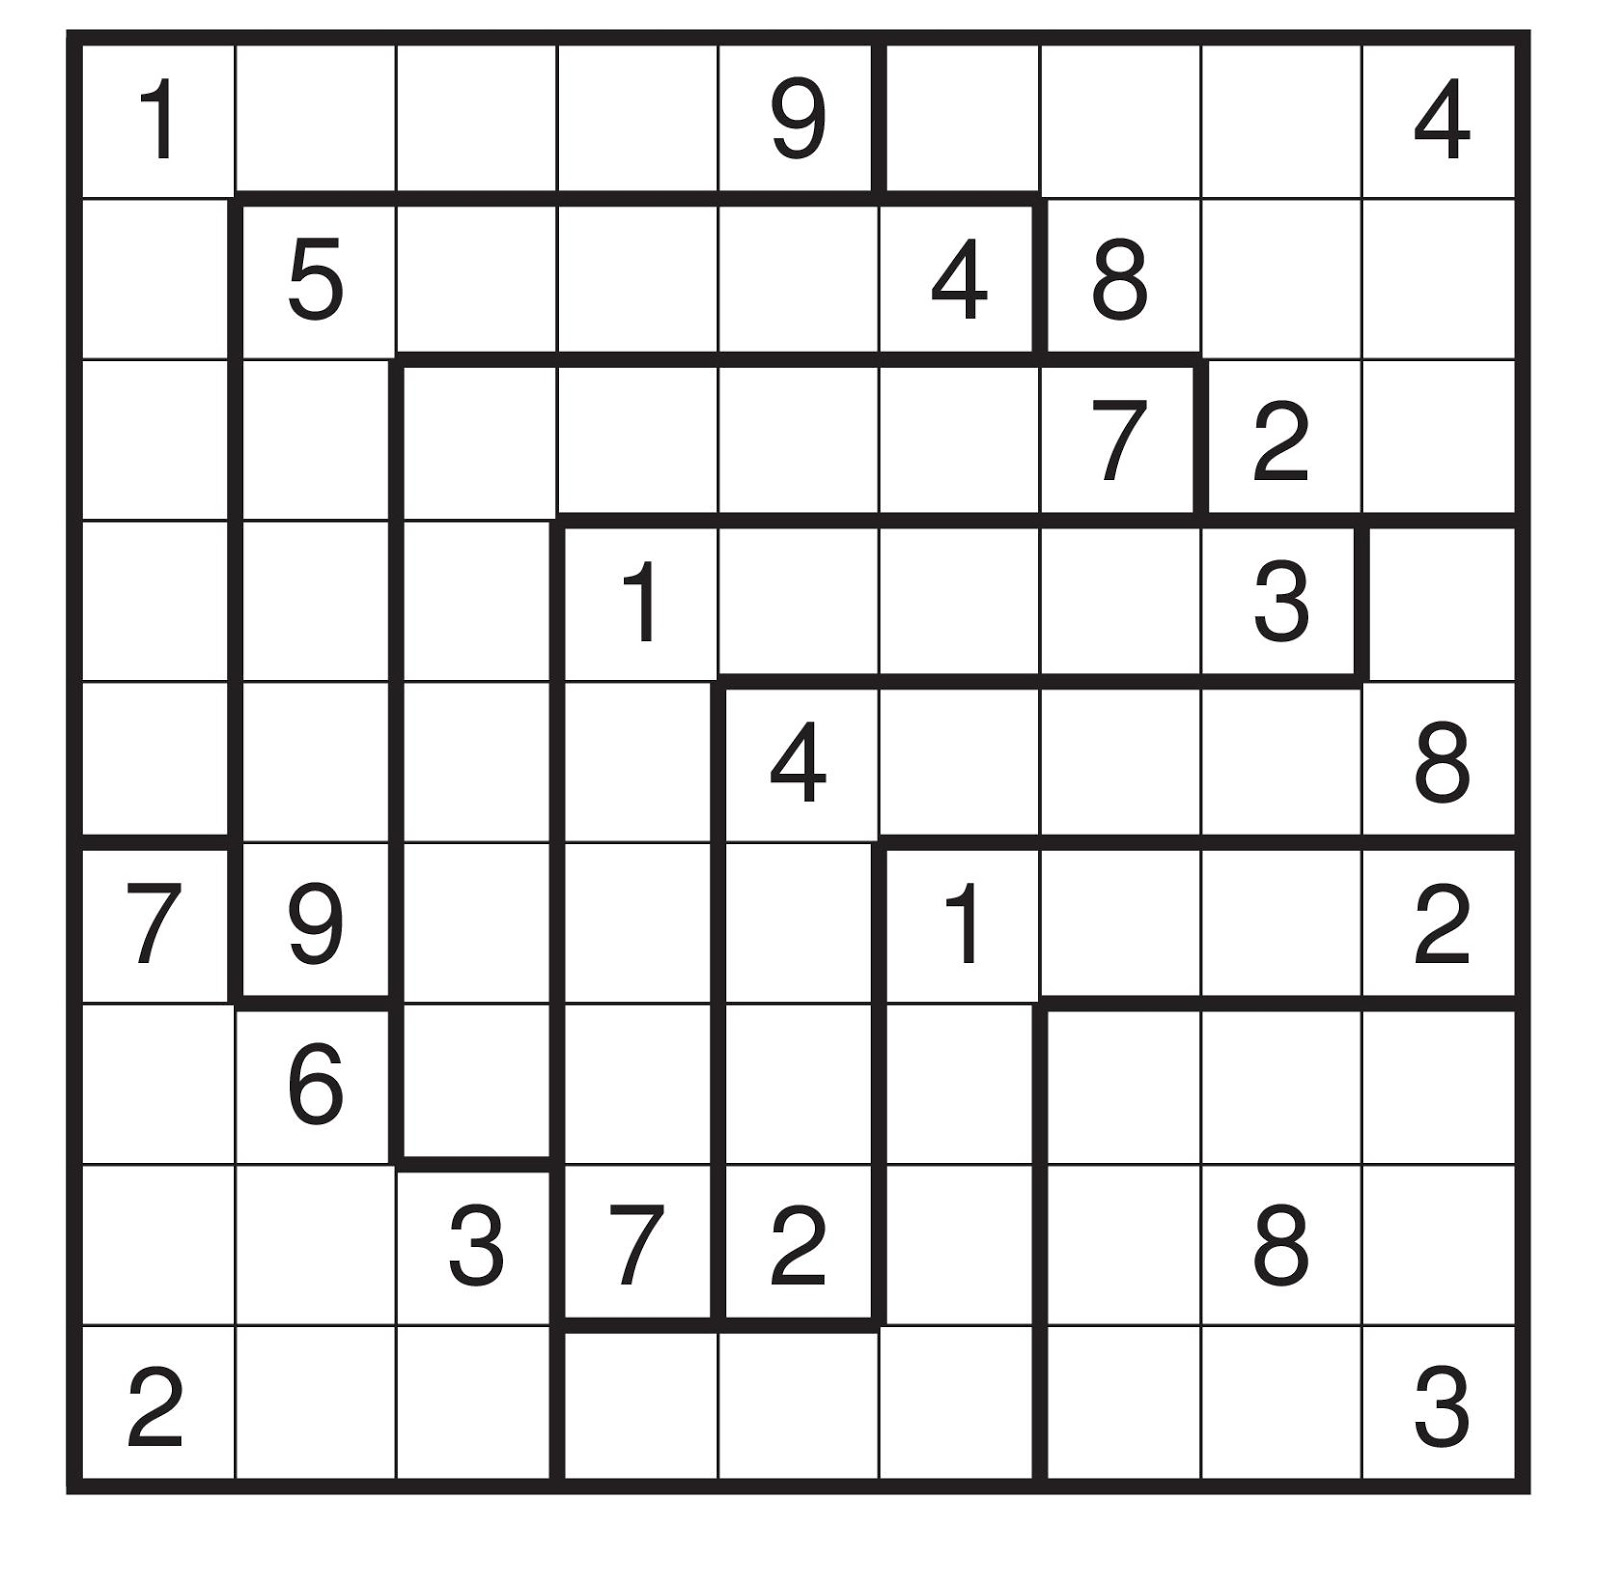 Irregular Sudoku Printable